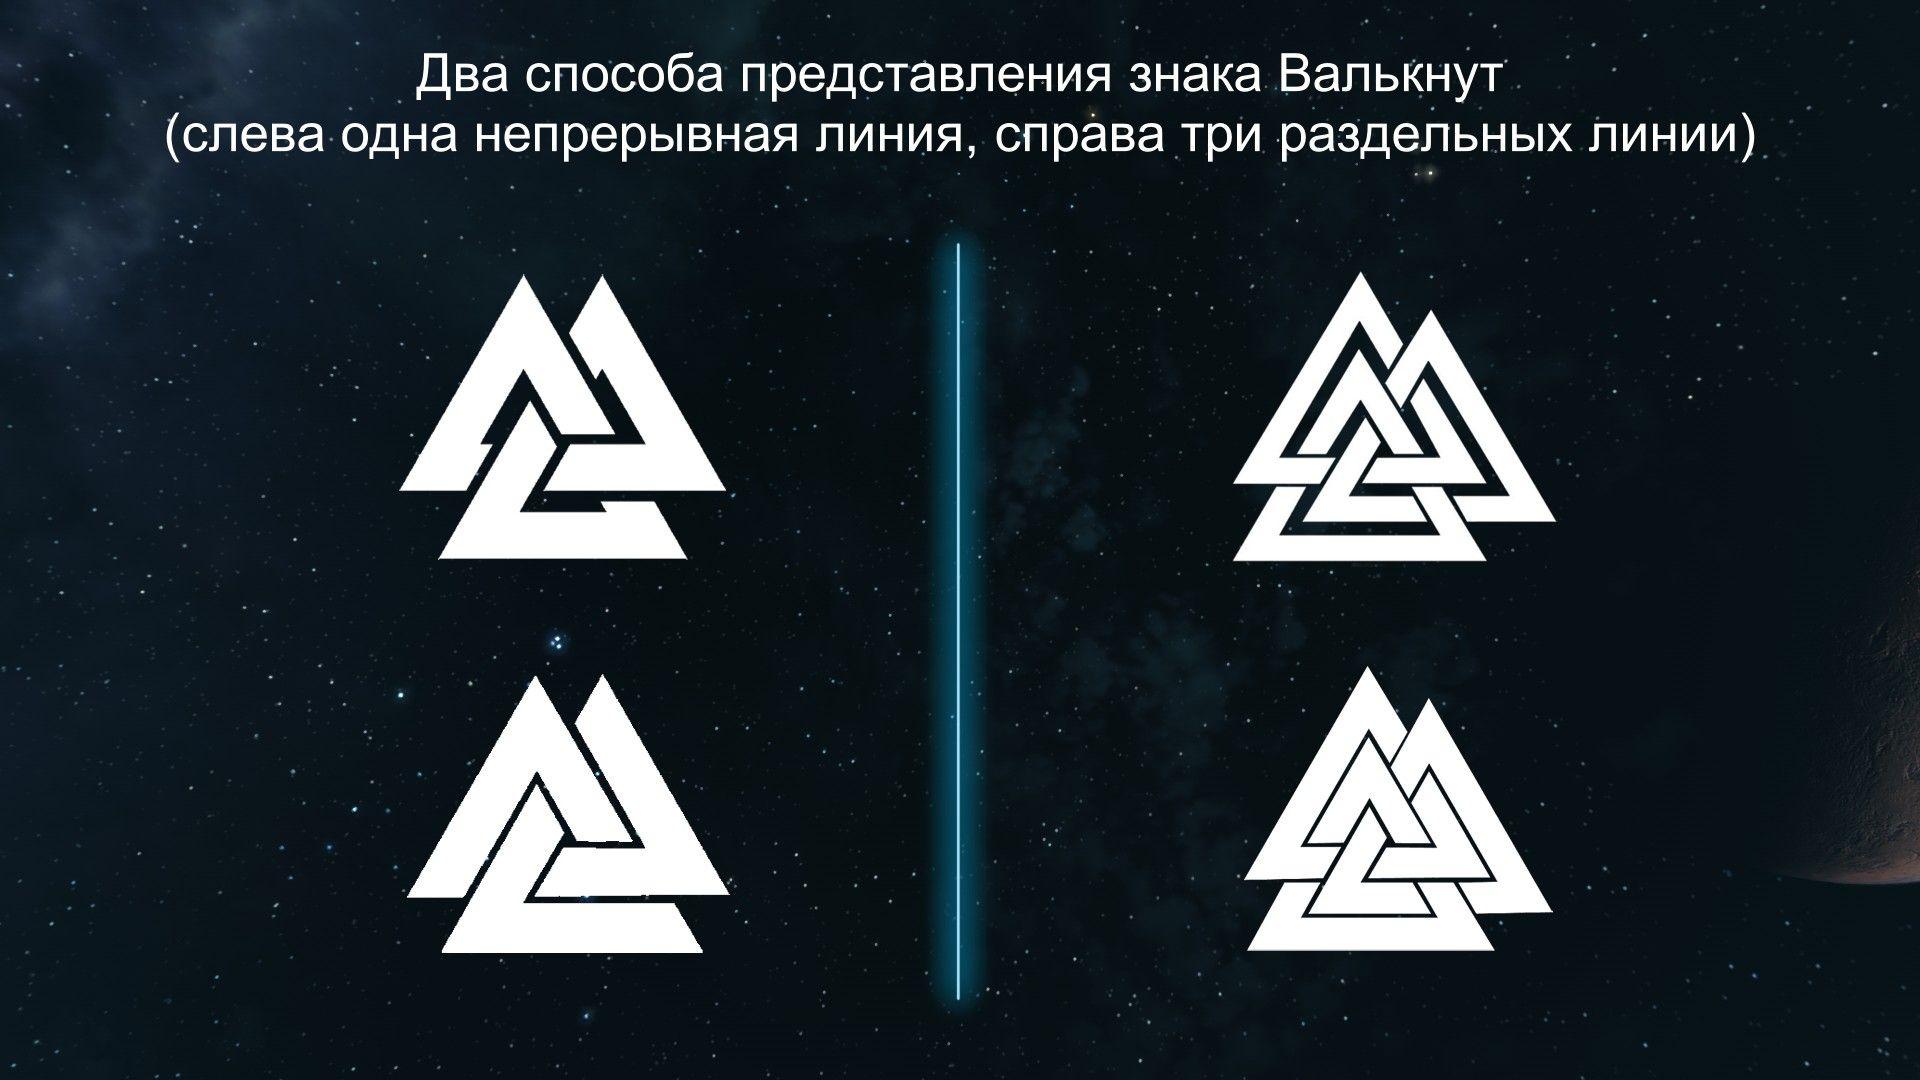 Два способа представления знака Валькнут